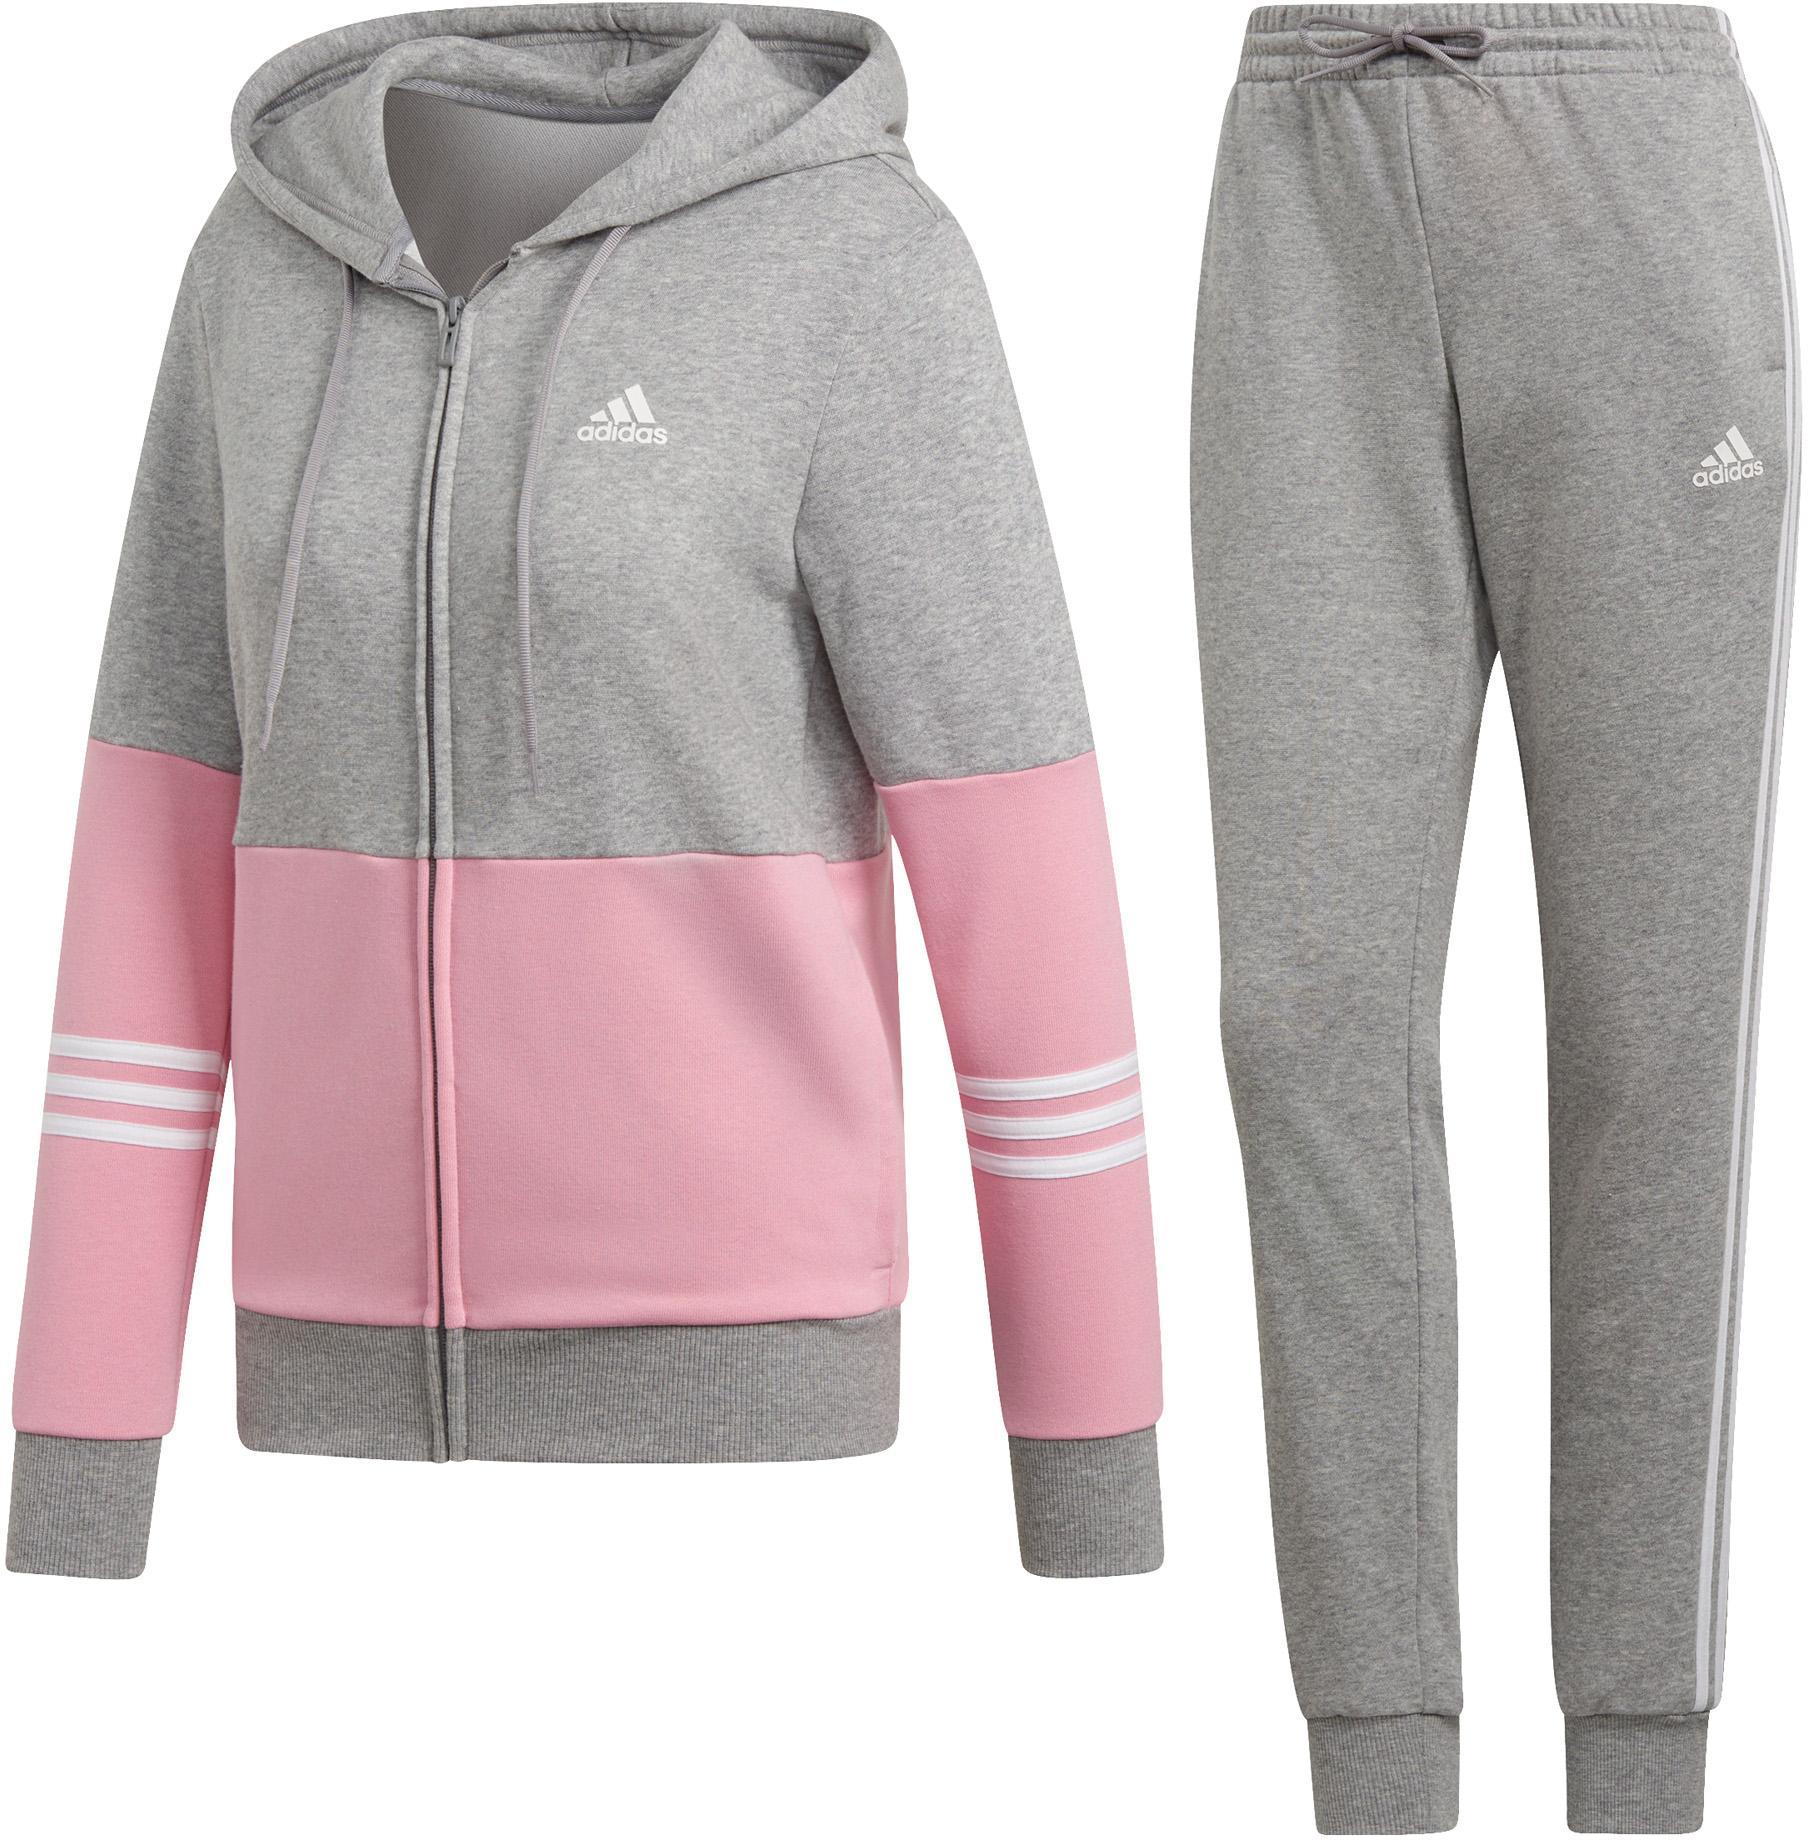 Damen Sport online günstig kaufen über shop24.at | shop24